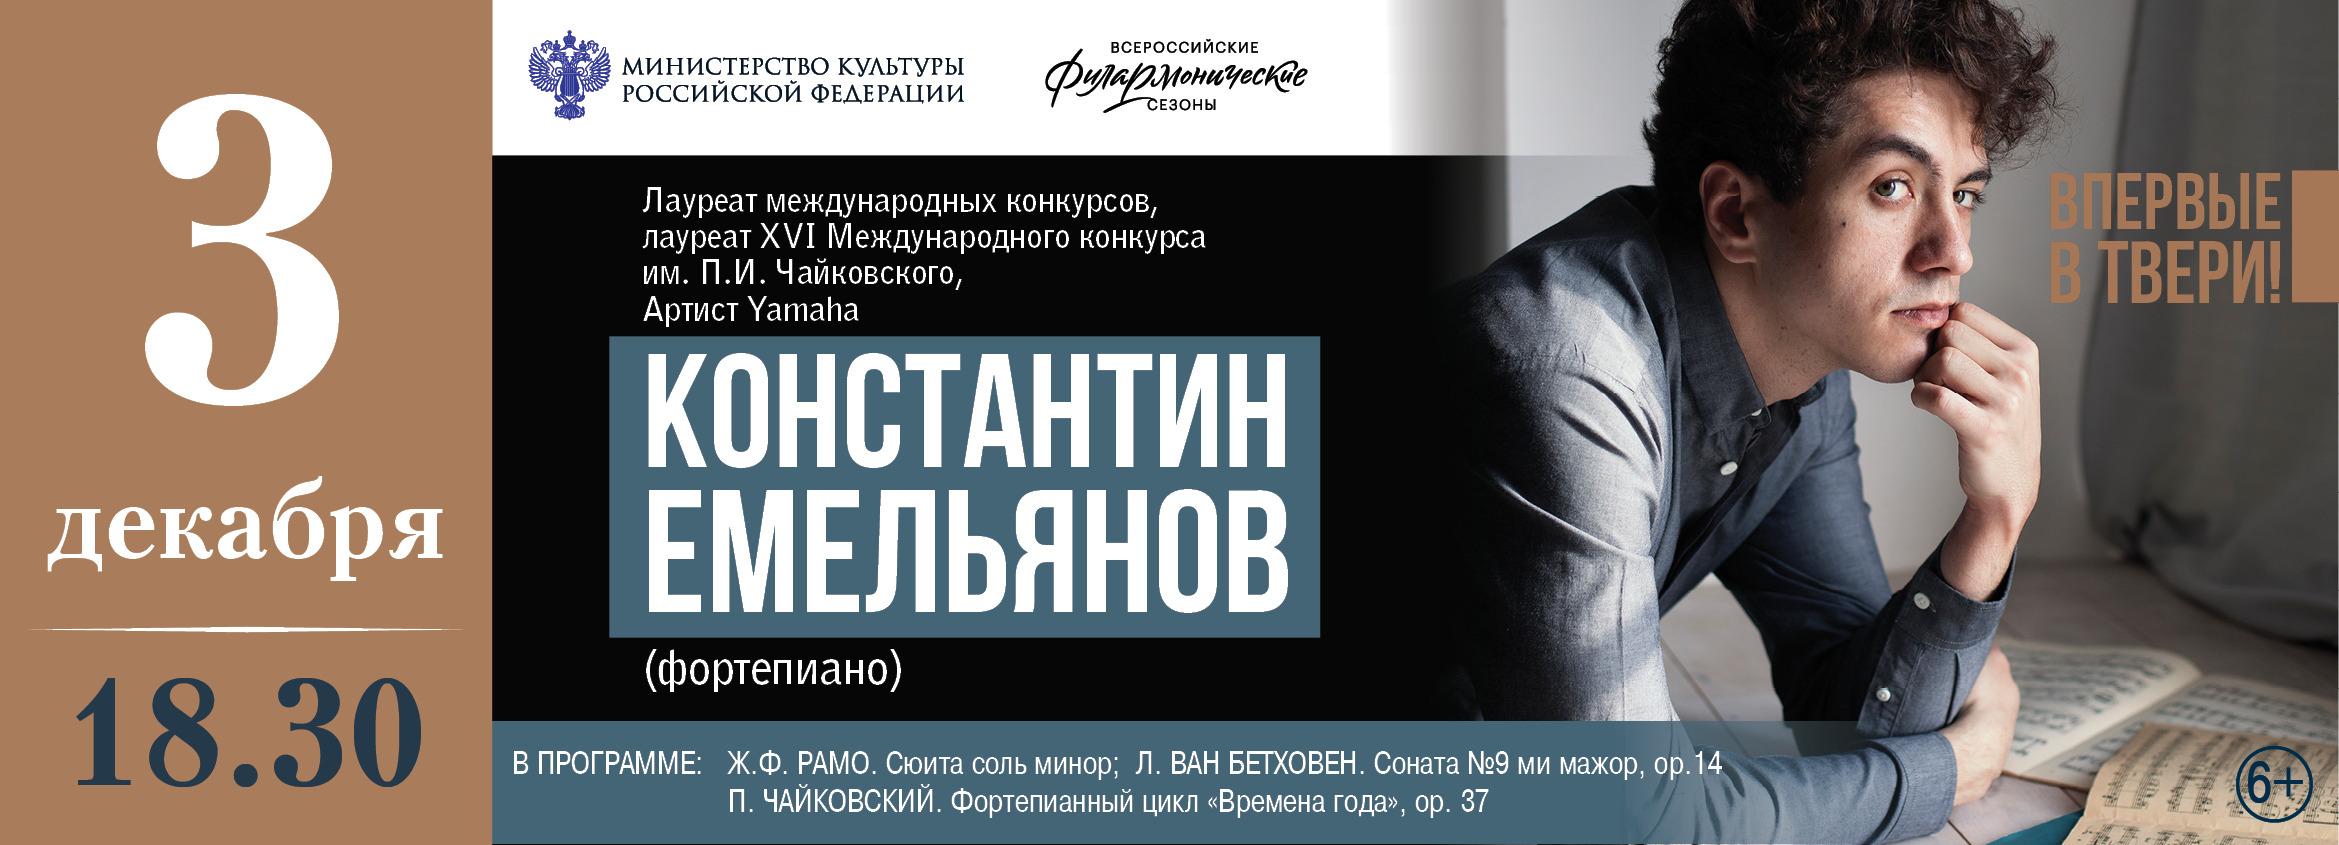 Восходящая звезда фортепианного искусства КонстантинЕмельянов впервые выступит в Тверской филармонии